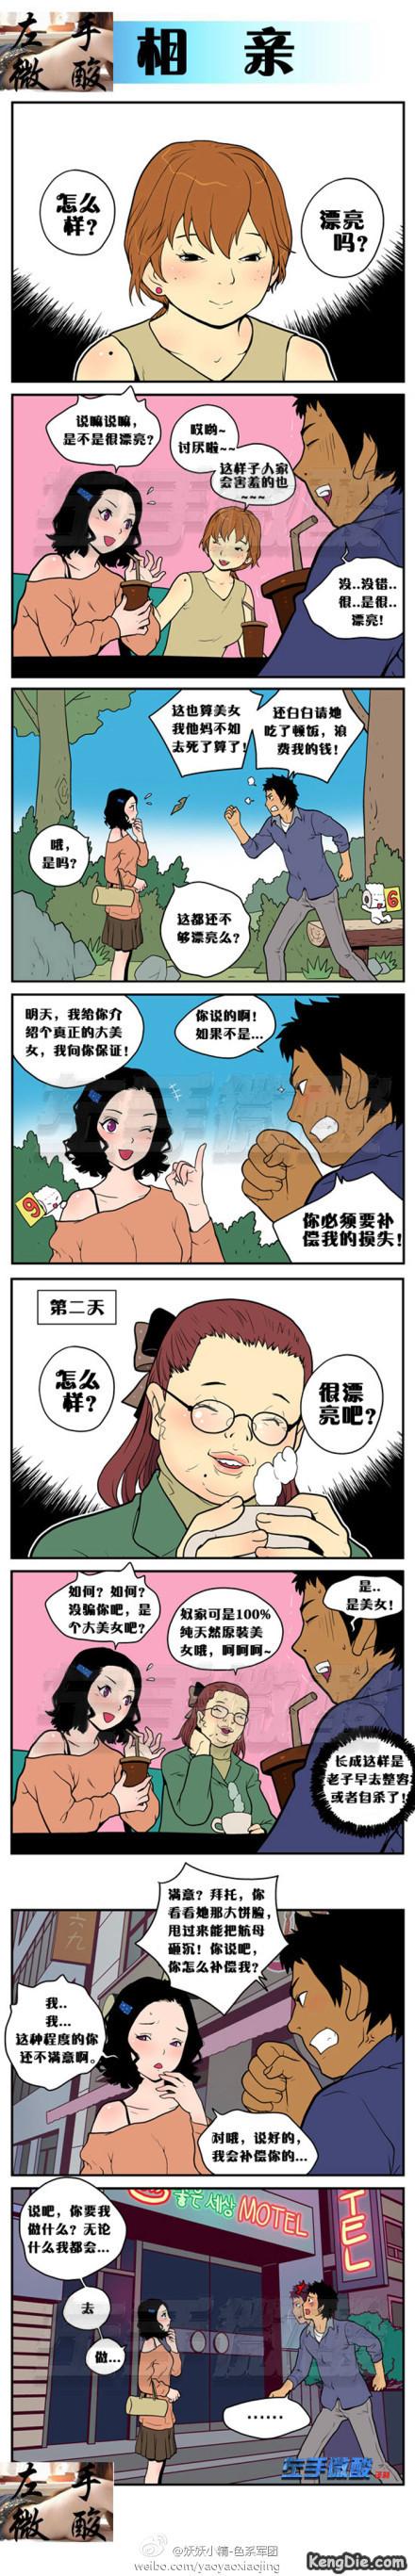 18进禁邪恶漫画全集,少女邪恶漫画全集禁